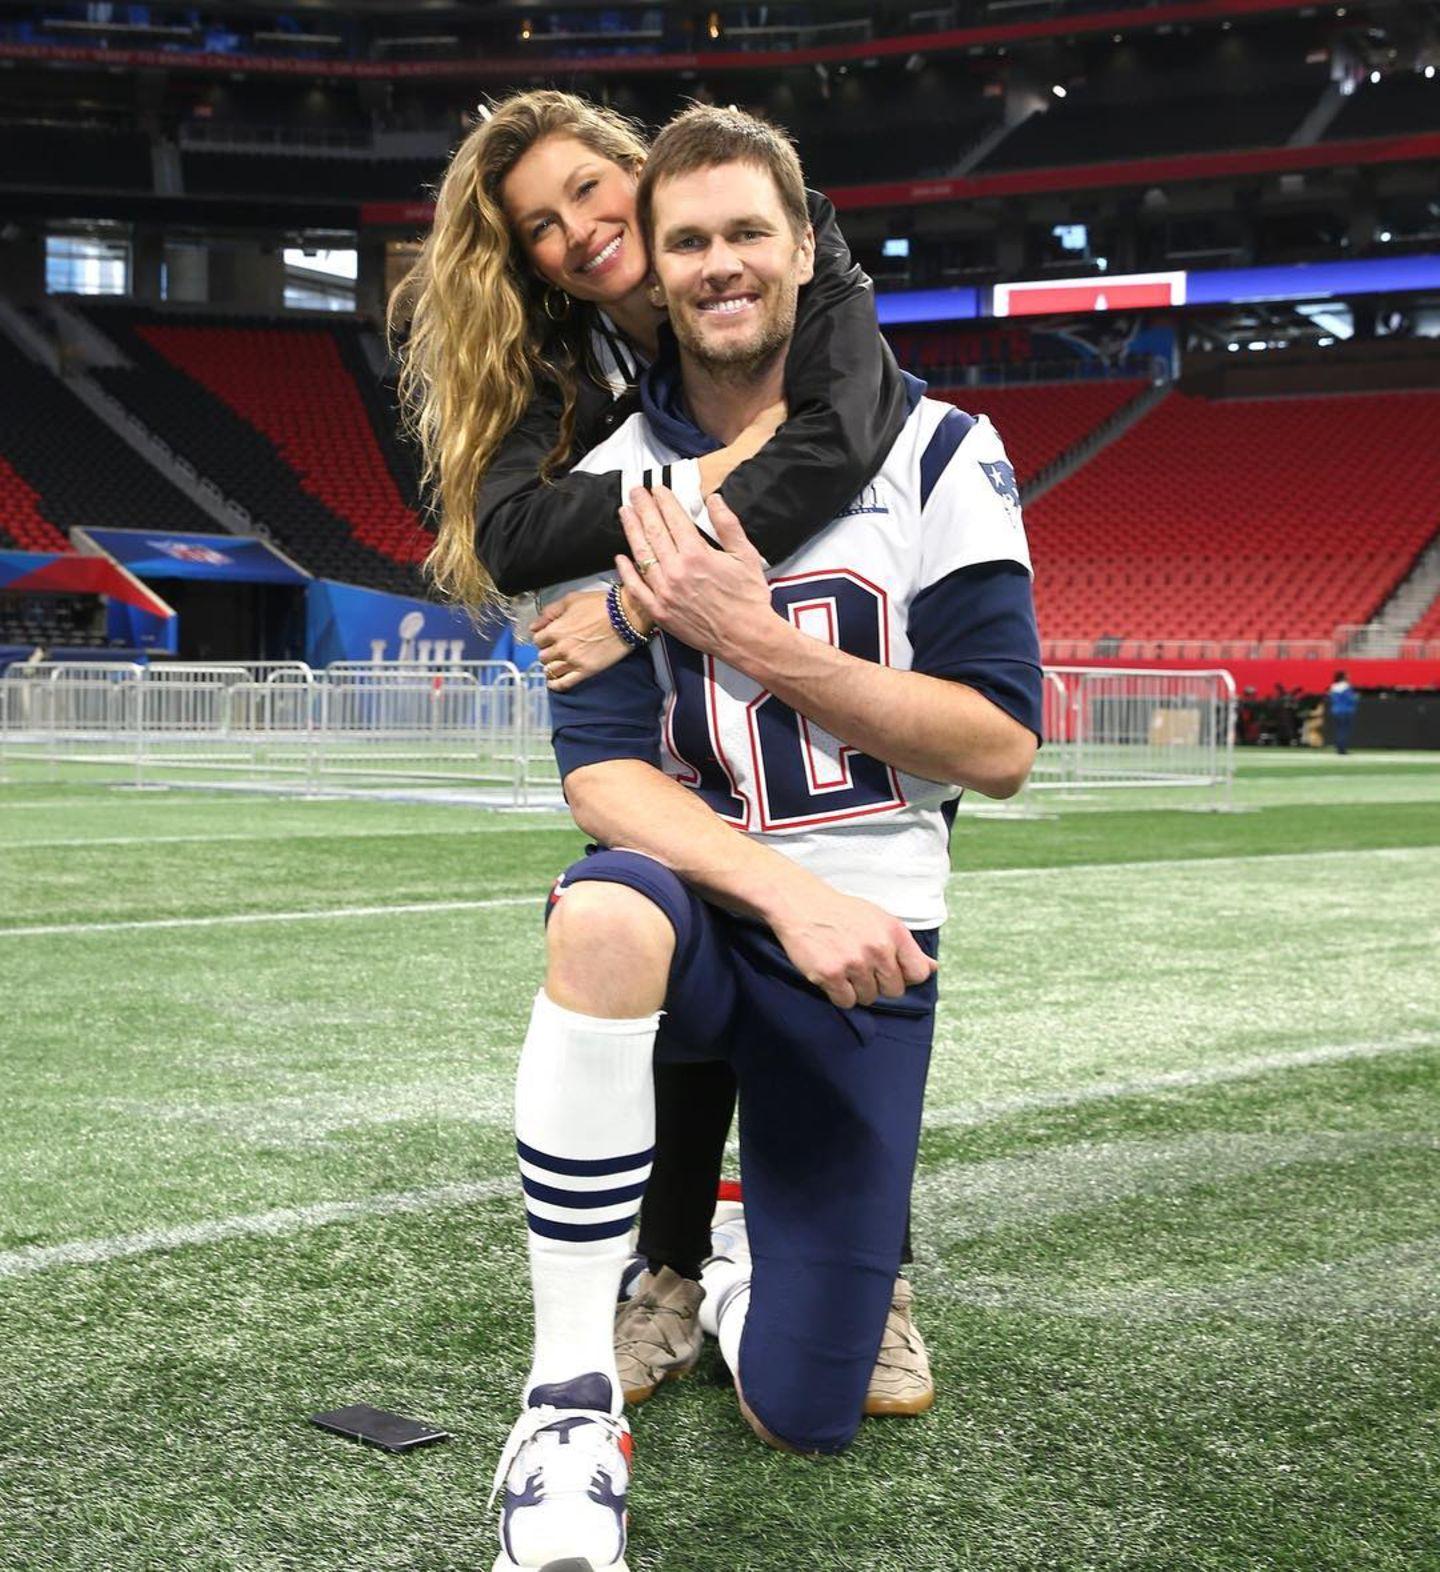 """""""Ich halte dir den Rücken frei"""", postet Model Gisele Bündchen liebevoll. Ehemann Tom Brady posiert mit seiner Frau vor dem großen Finale."""